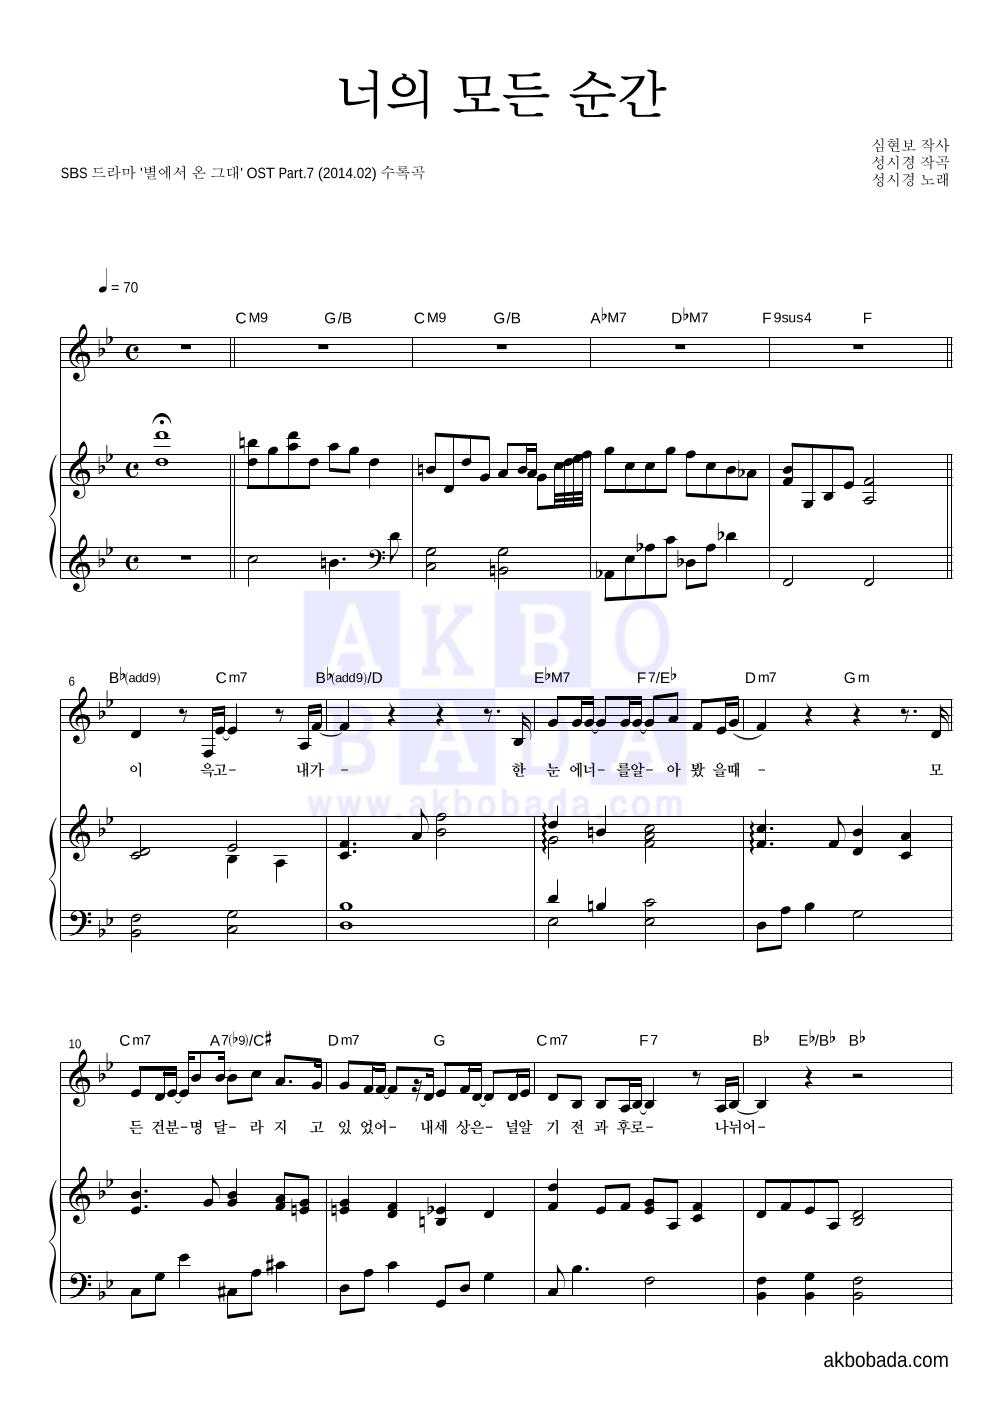 성시경 - 너의 모든 순간 피아노 3단 악보